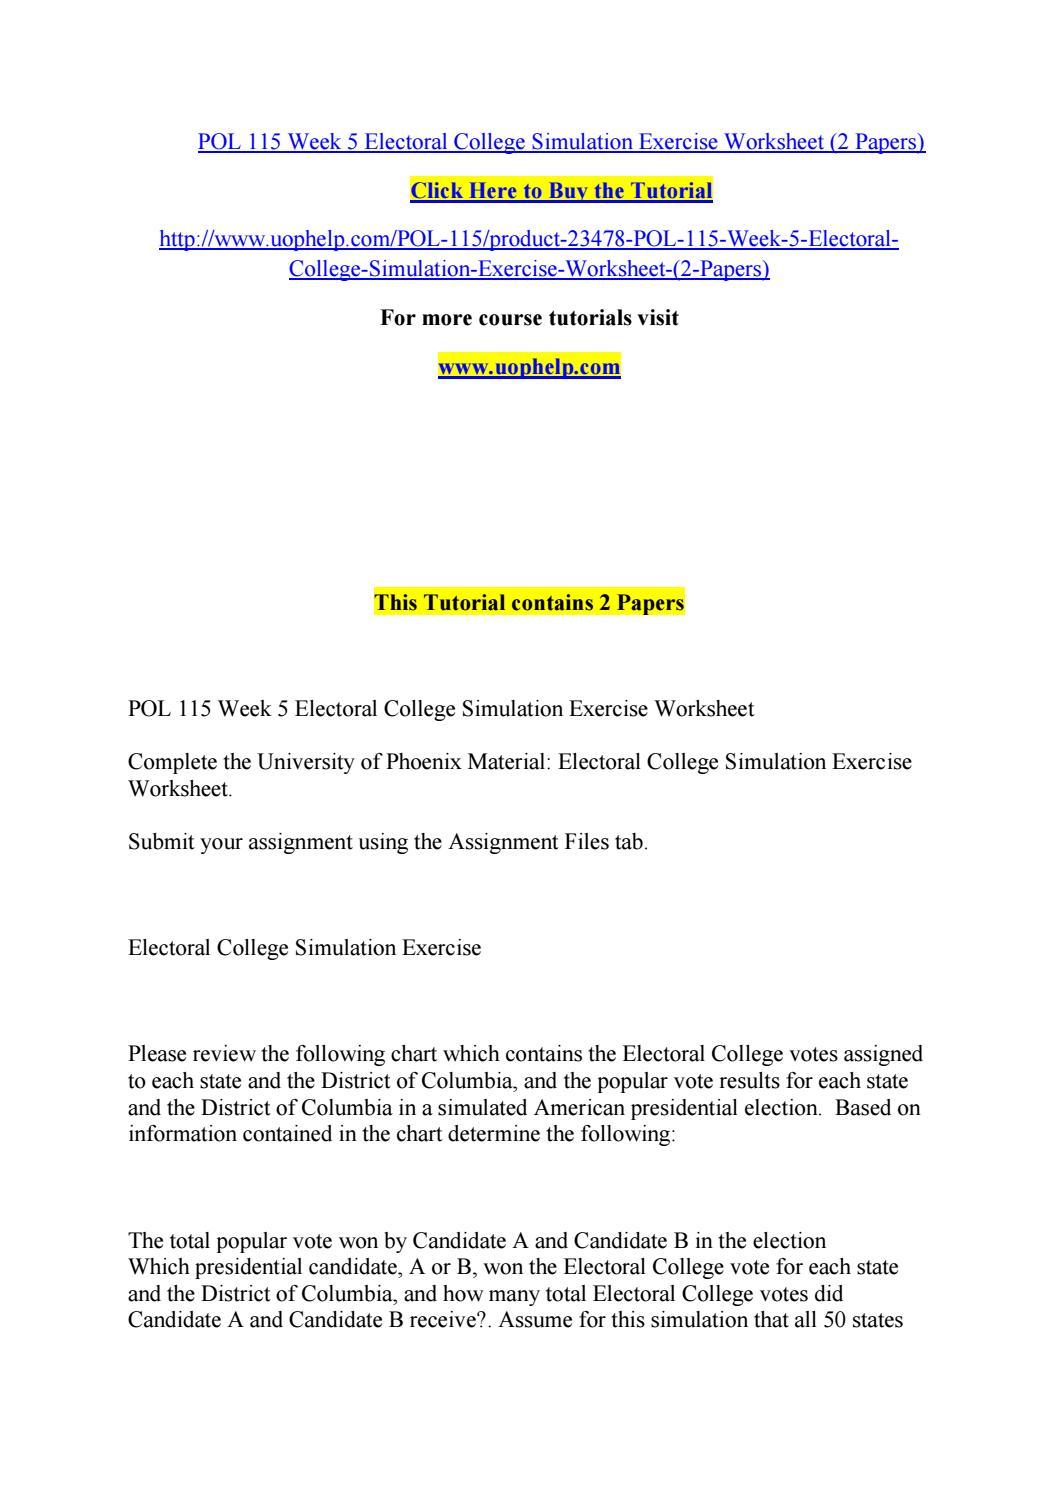 worksheet Electoral College Worksheet pol 115 week 5 electoral college simulation exercise worksheet 2 papers by bluebell927 issuu